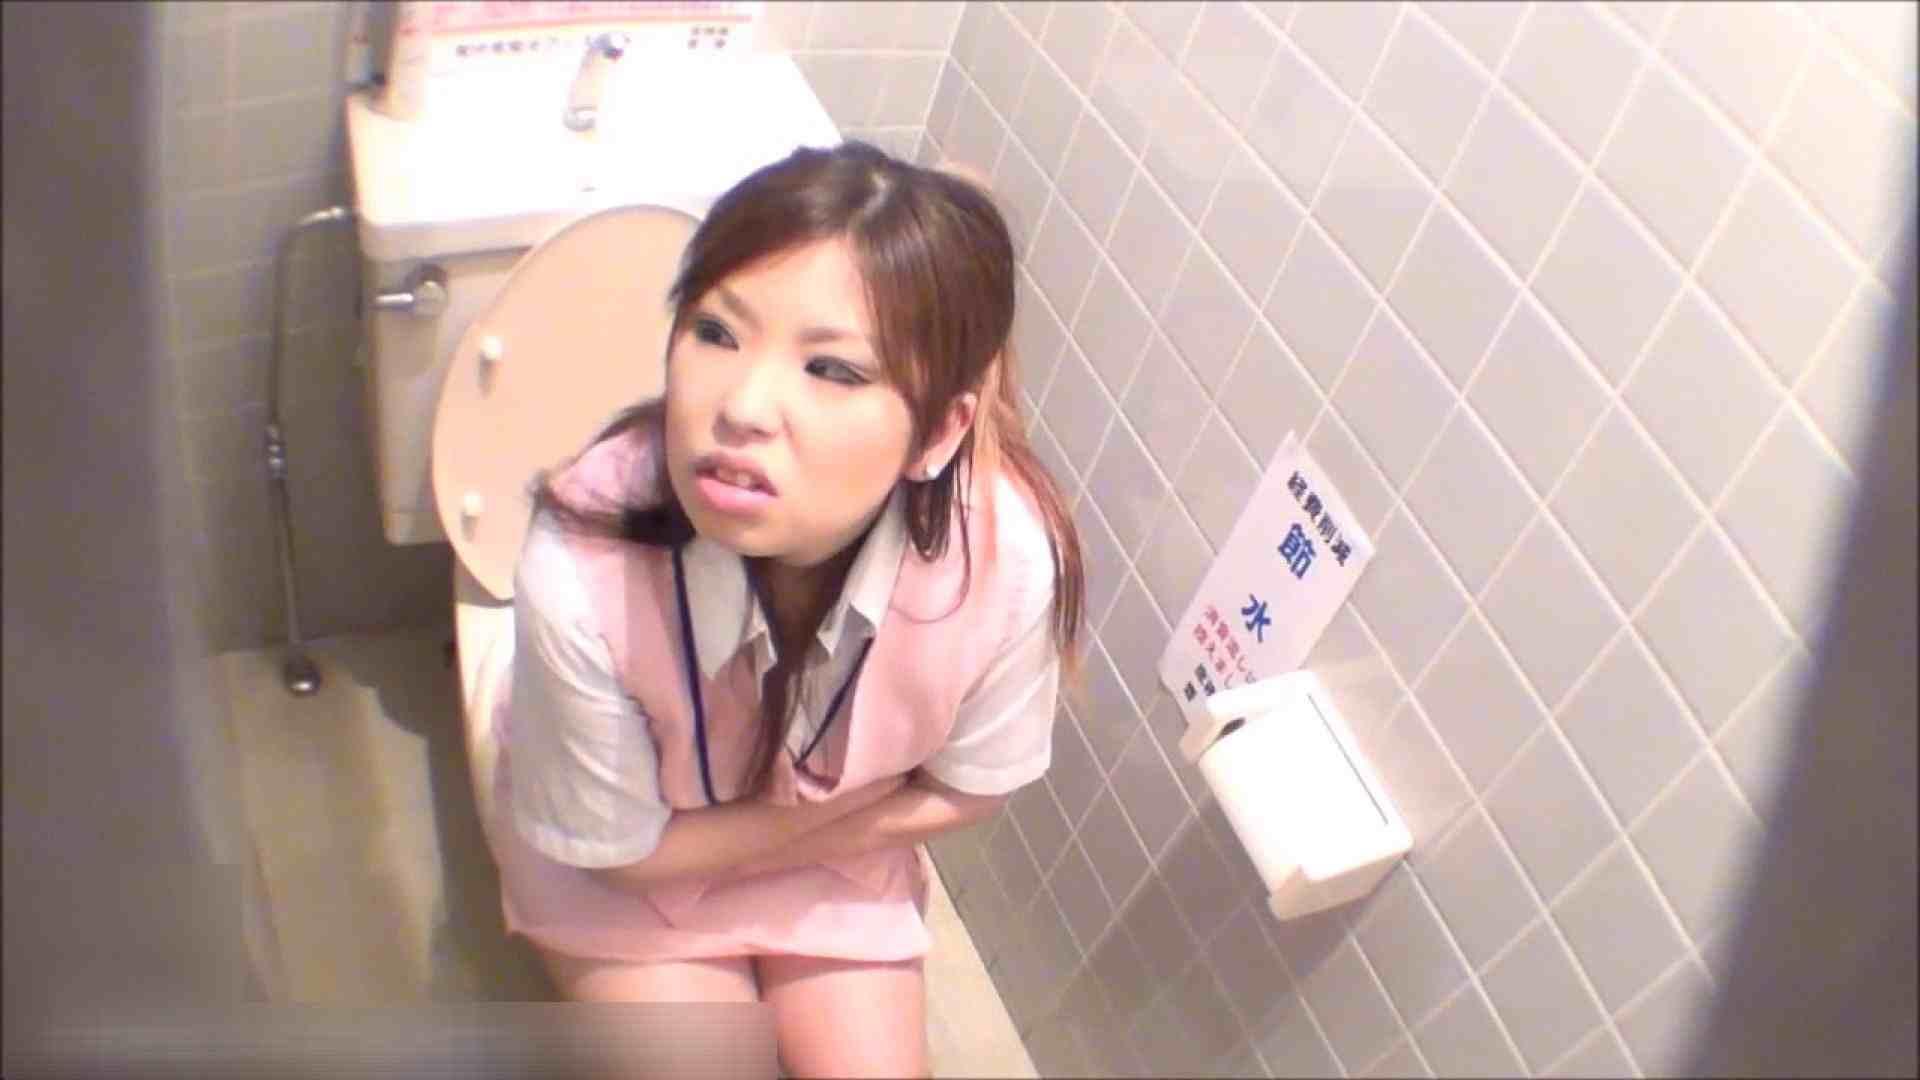 洗面所盗撮~隣の美人お姉さんVol.26 ギャル ヌード画像 97pic 21